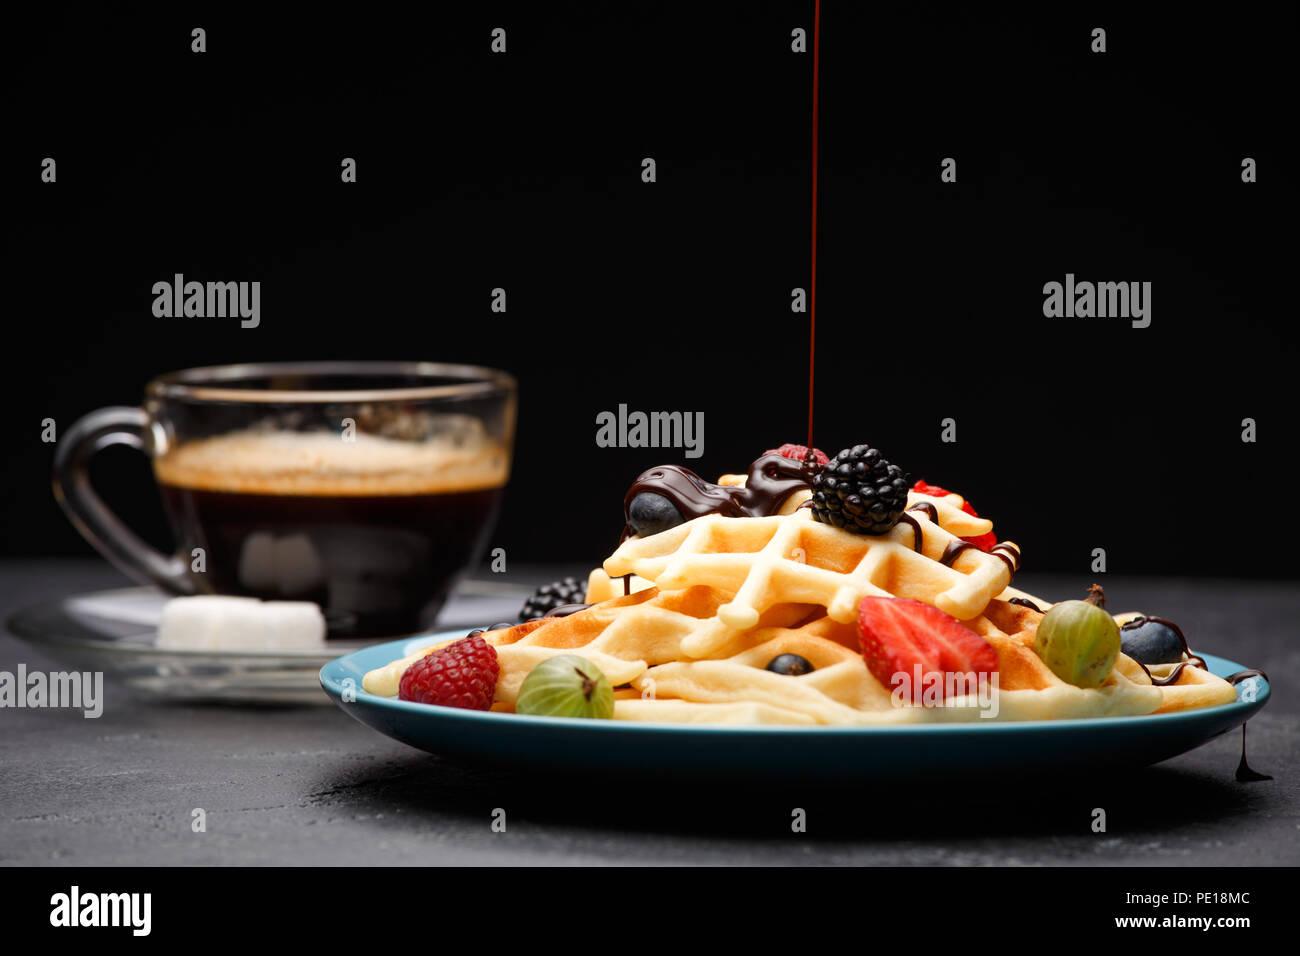 Foto della tazza di caffè nero con zucchero con cialde Viennese con fragole, lamponi, uva spina e cioccolato Immagini Stock